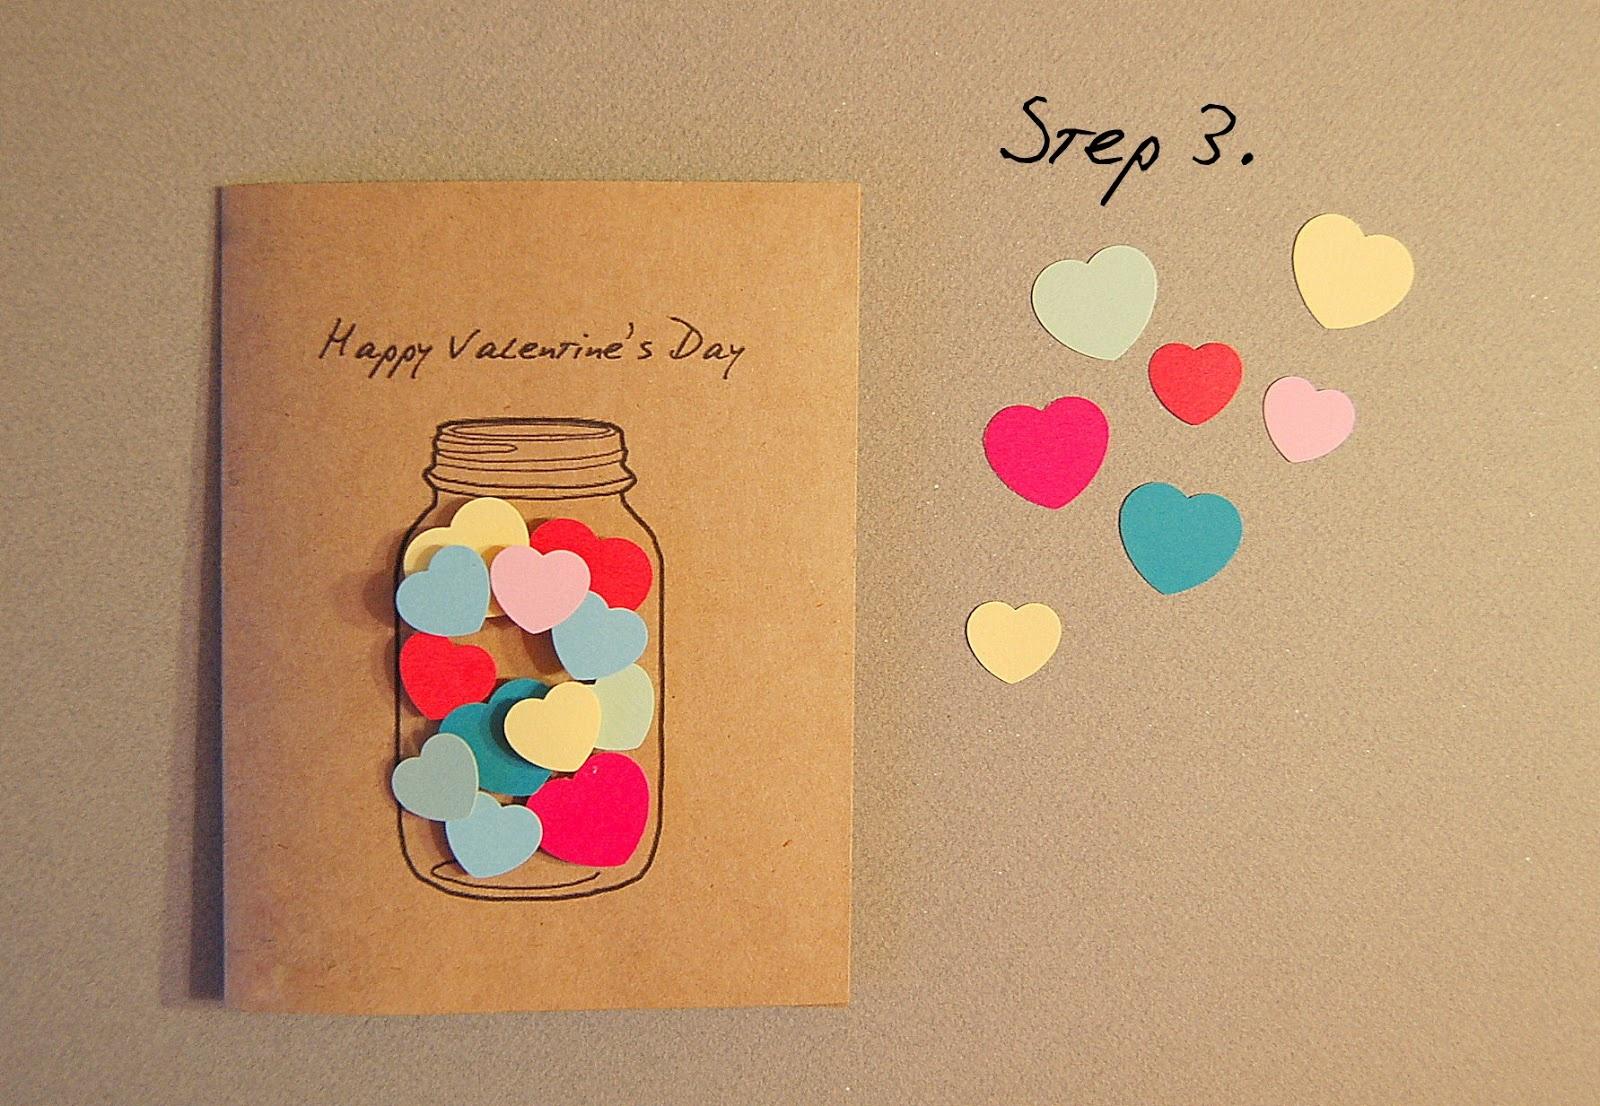 Оригинальная открытка с днем рождения своими